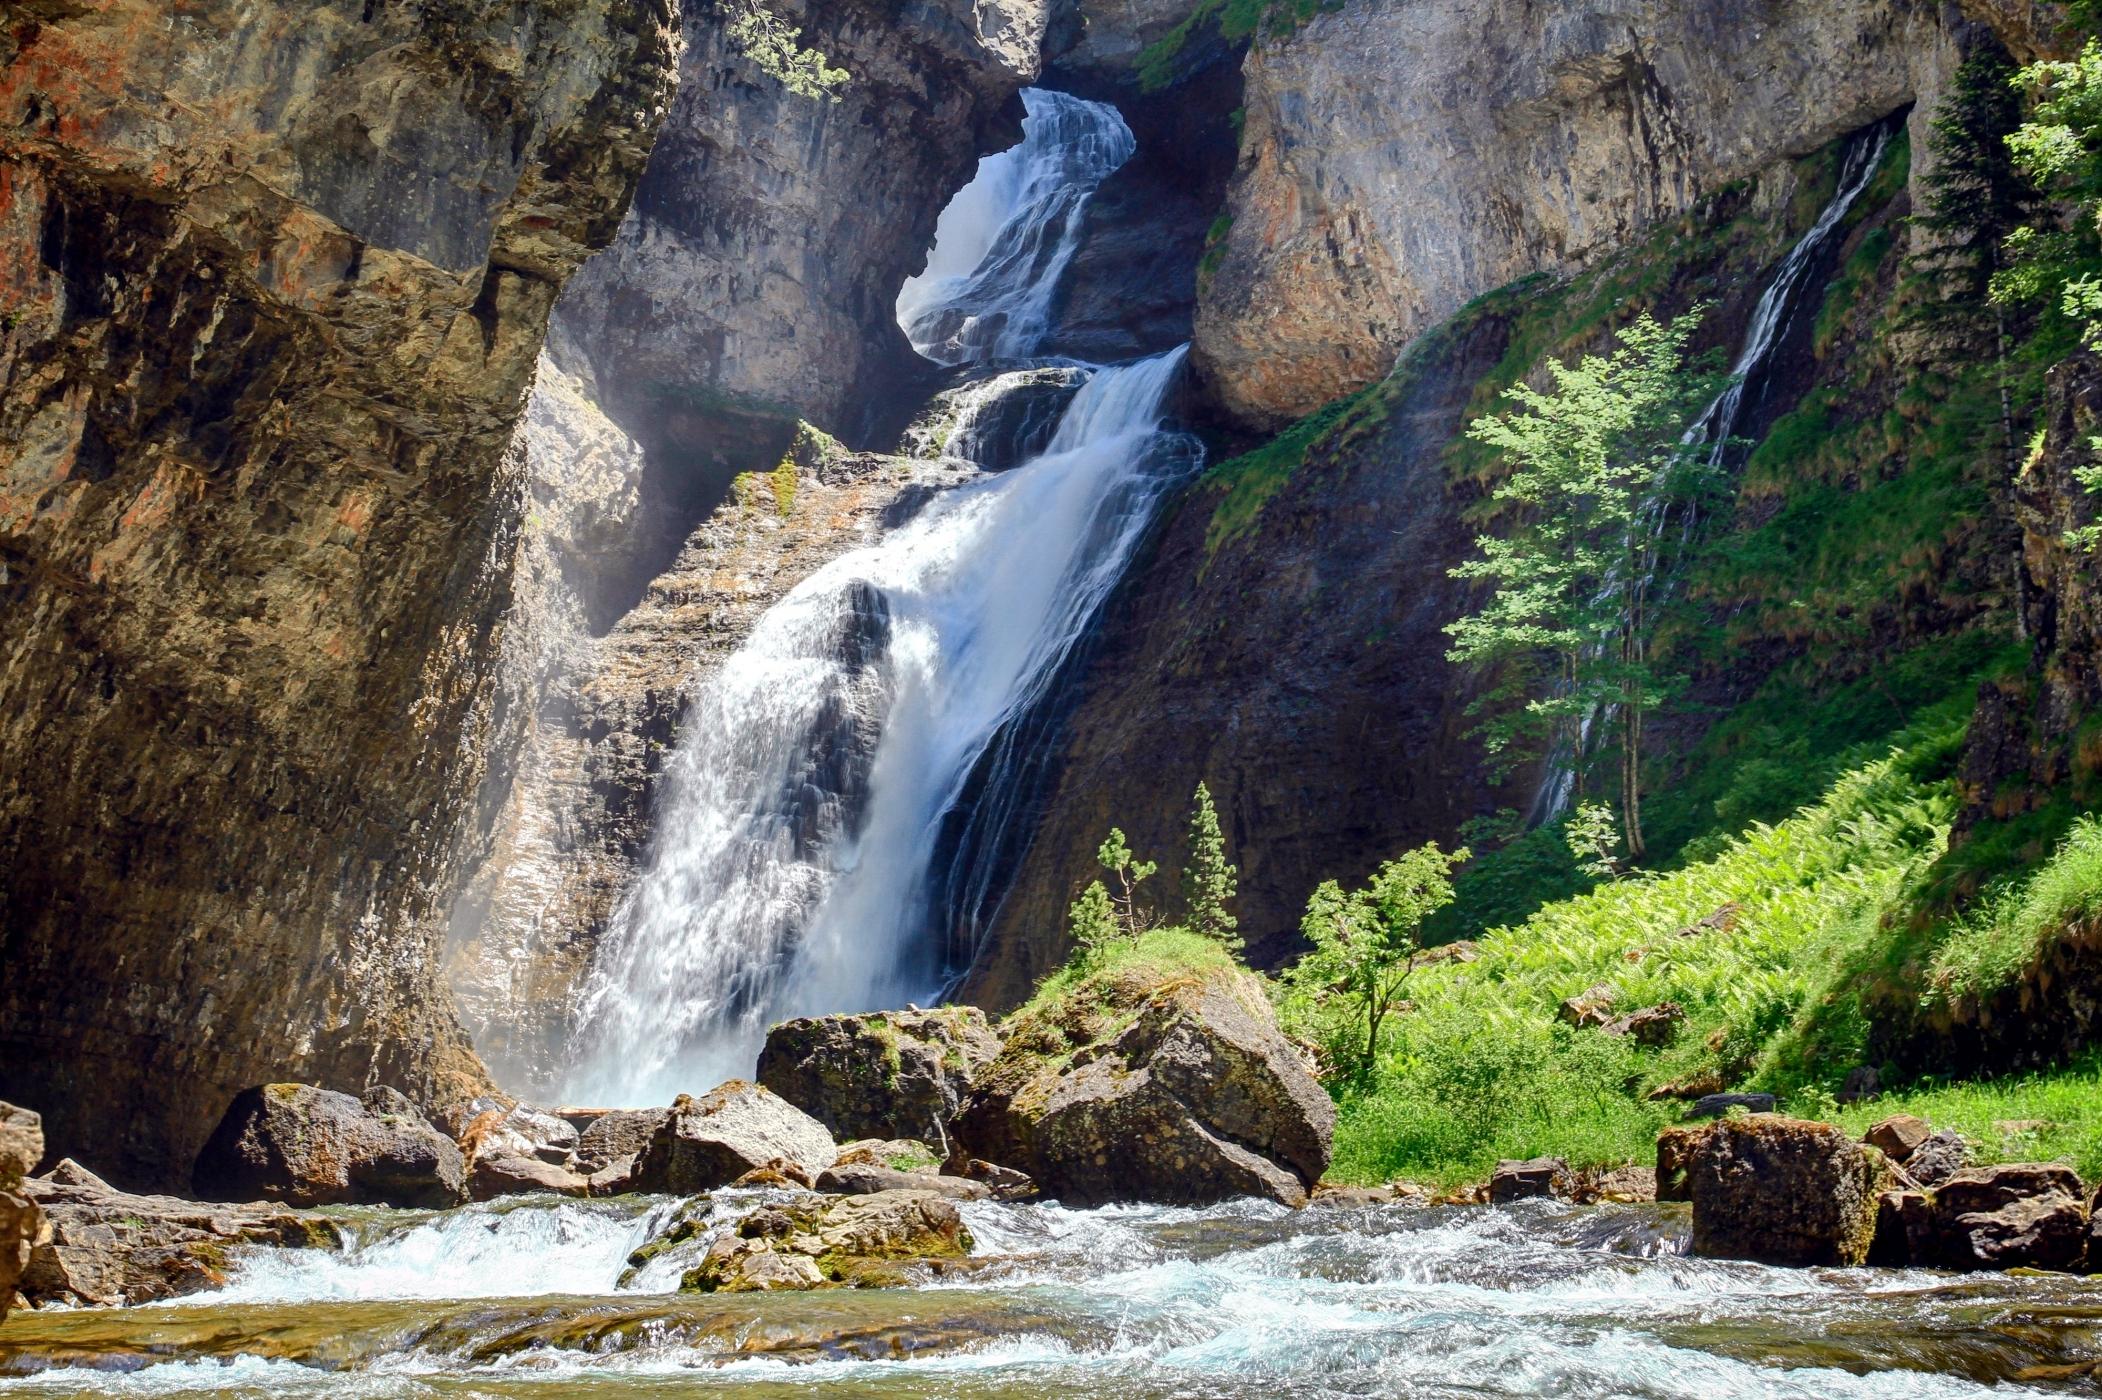 La Cascada del Estrecho se encuentra en un rincón de gran belleza. Foto: shutterstock.